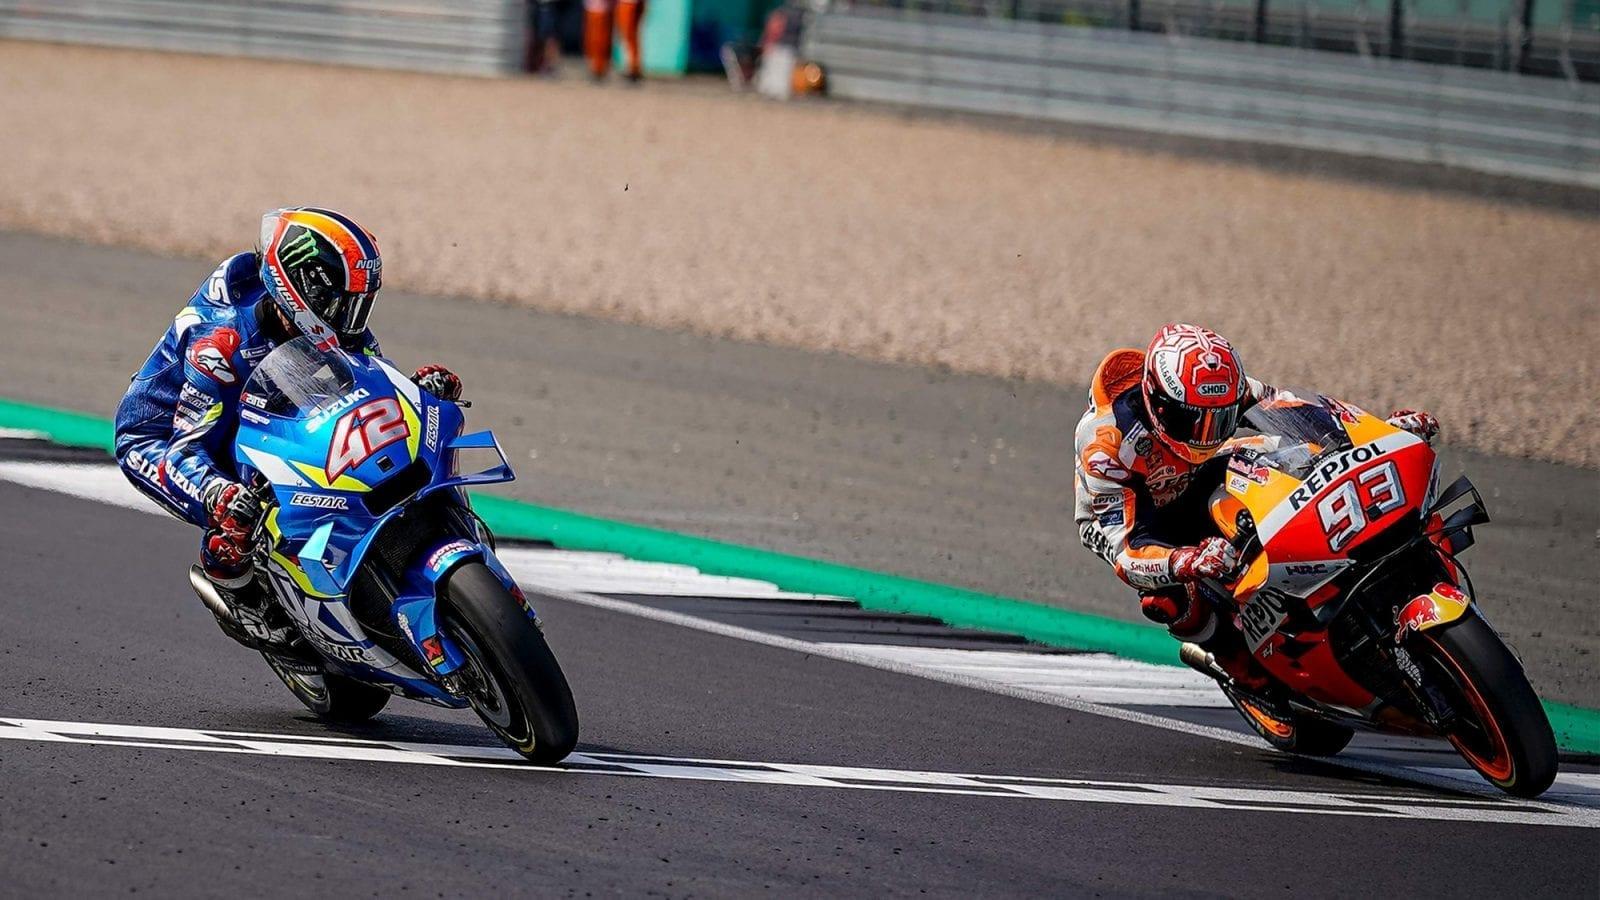 2019 MotoGP British GP Rins and Marquez